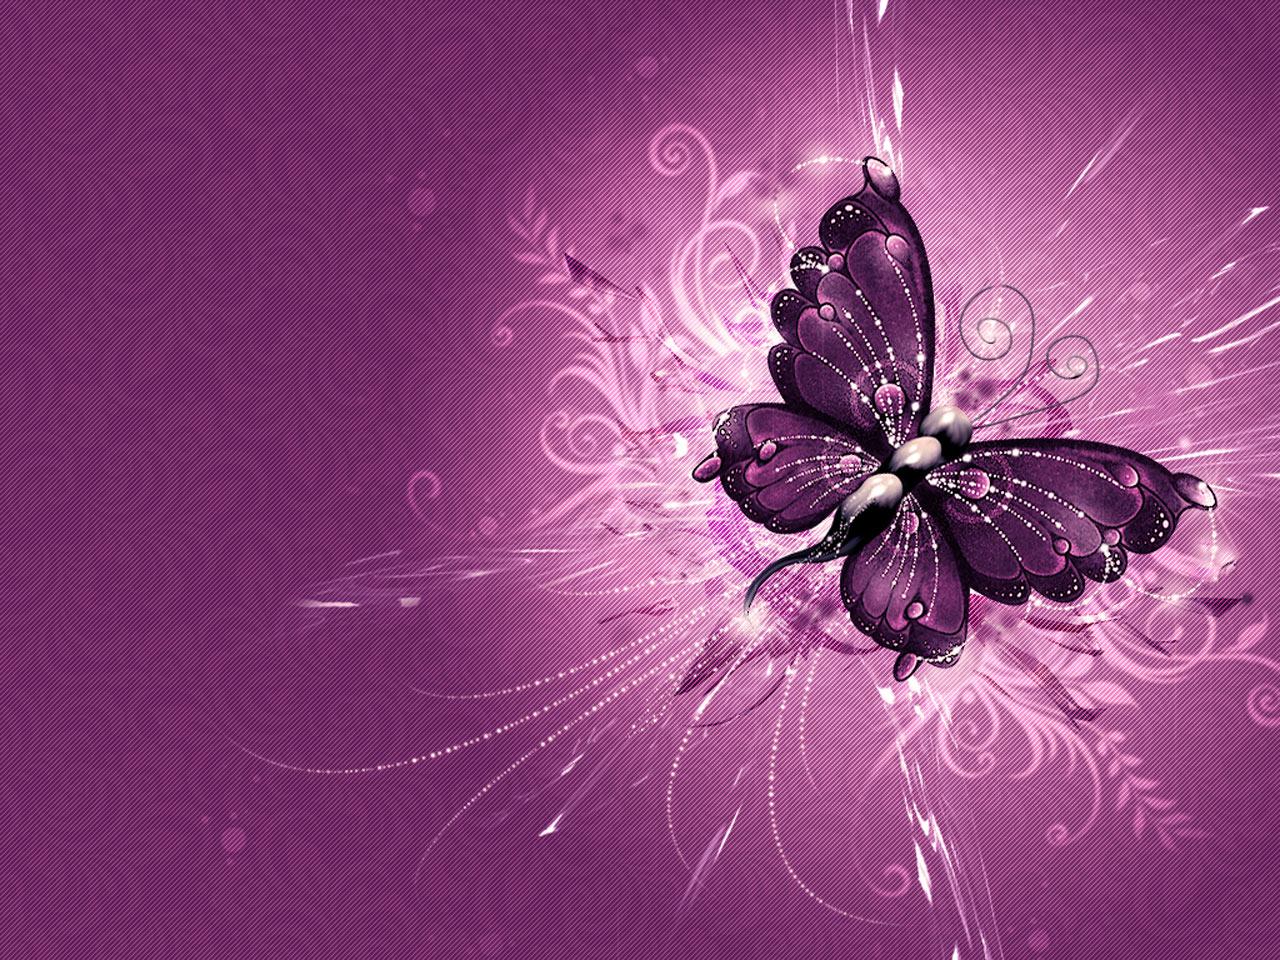 Butterfly Wallpaper 3D Wallpaper Nature Wallpaper 1280x960